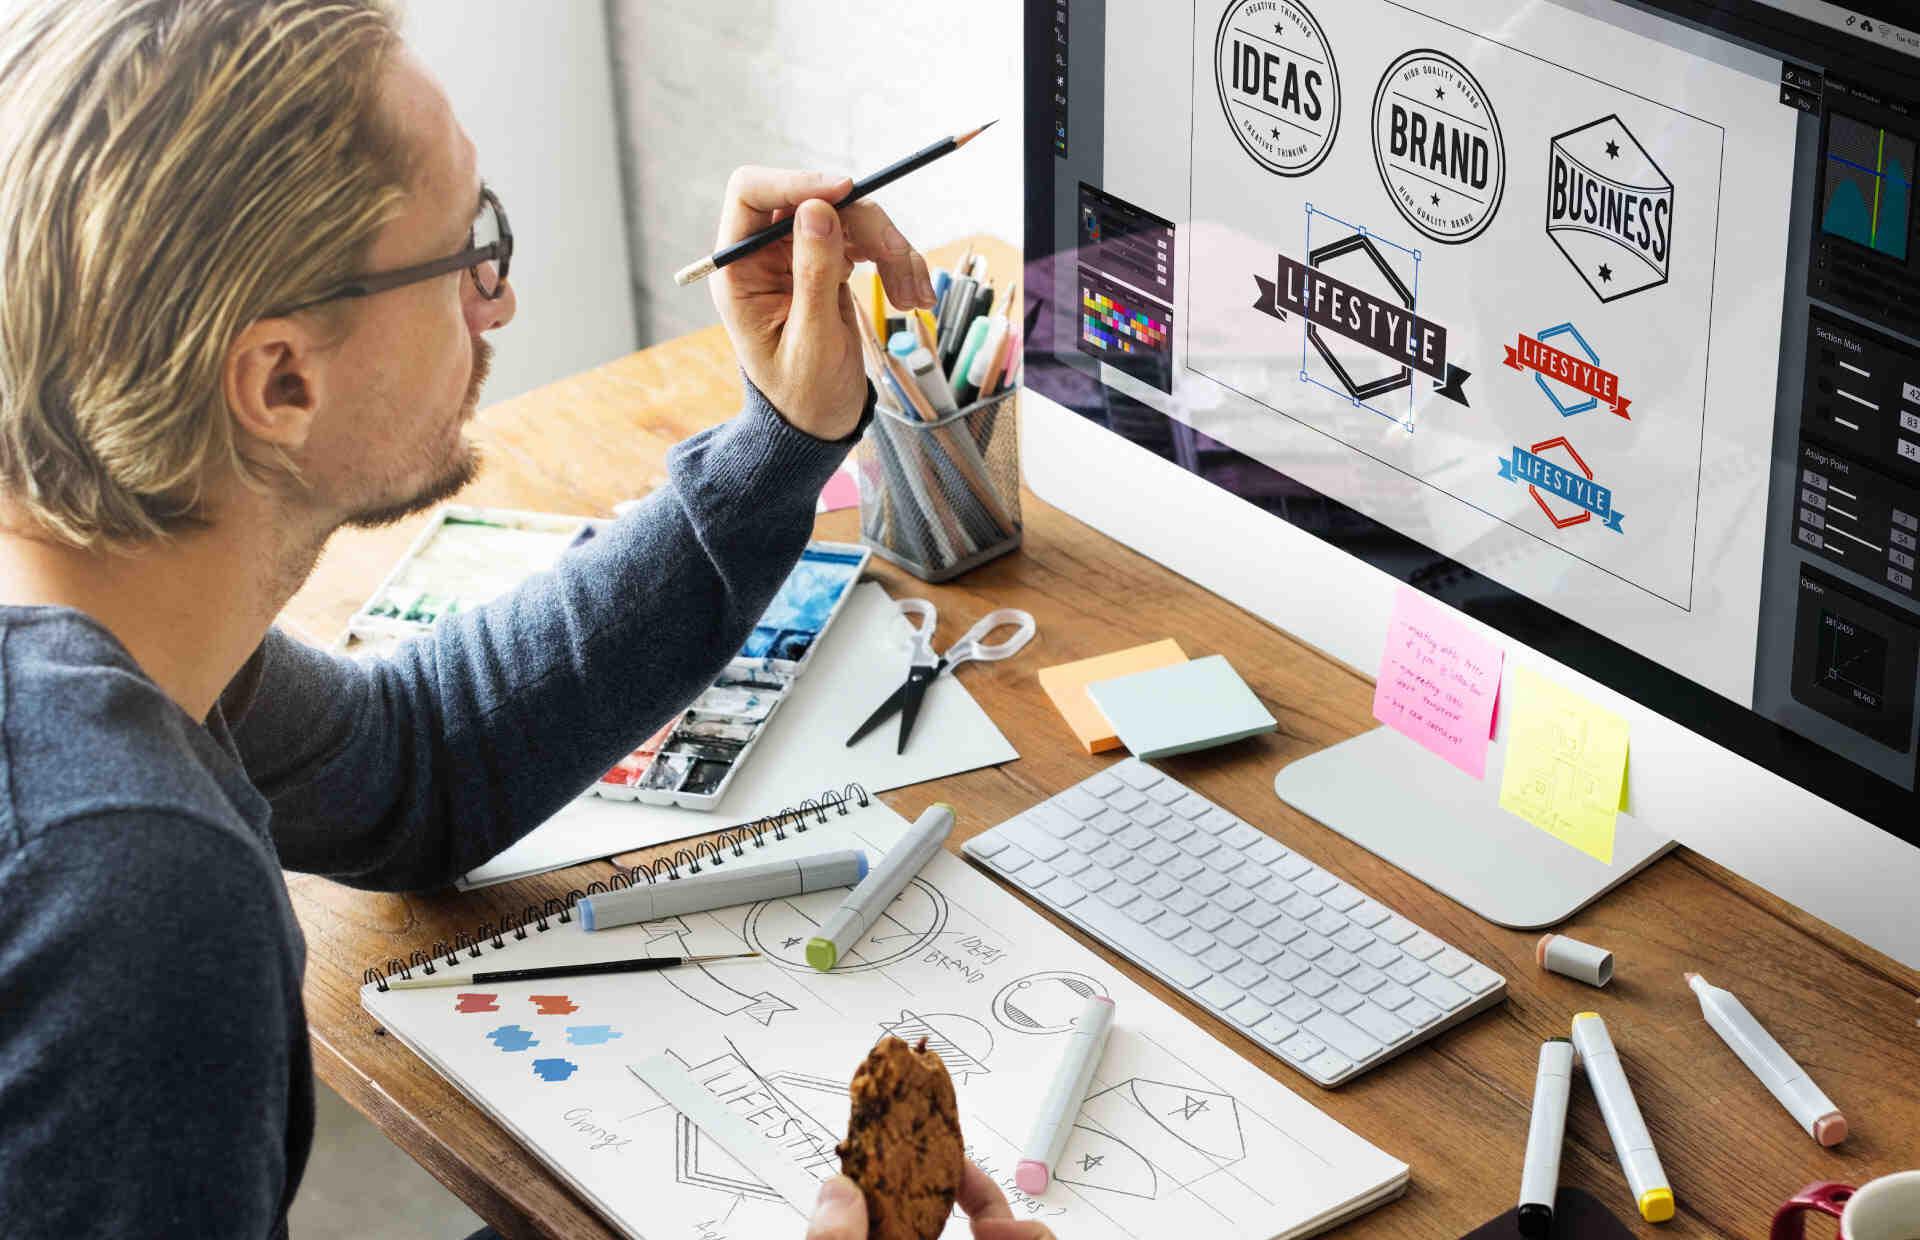 Comment créer un logo dans Adobe Illustrator?